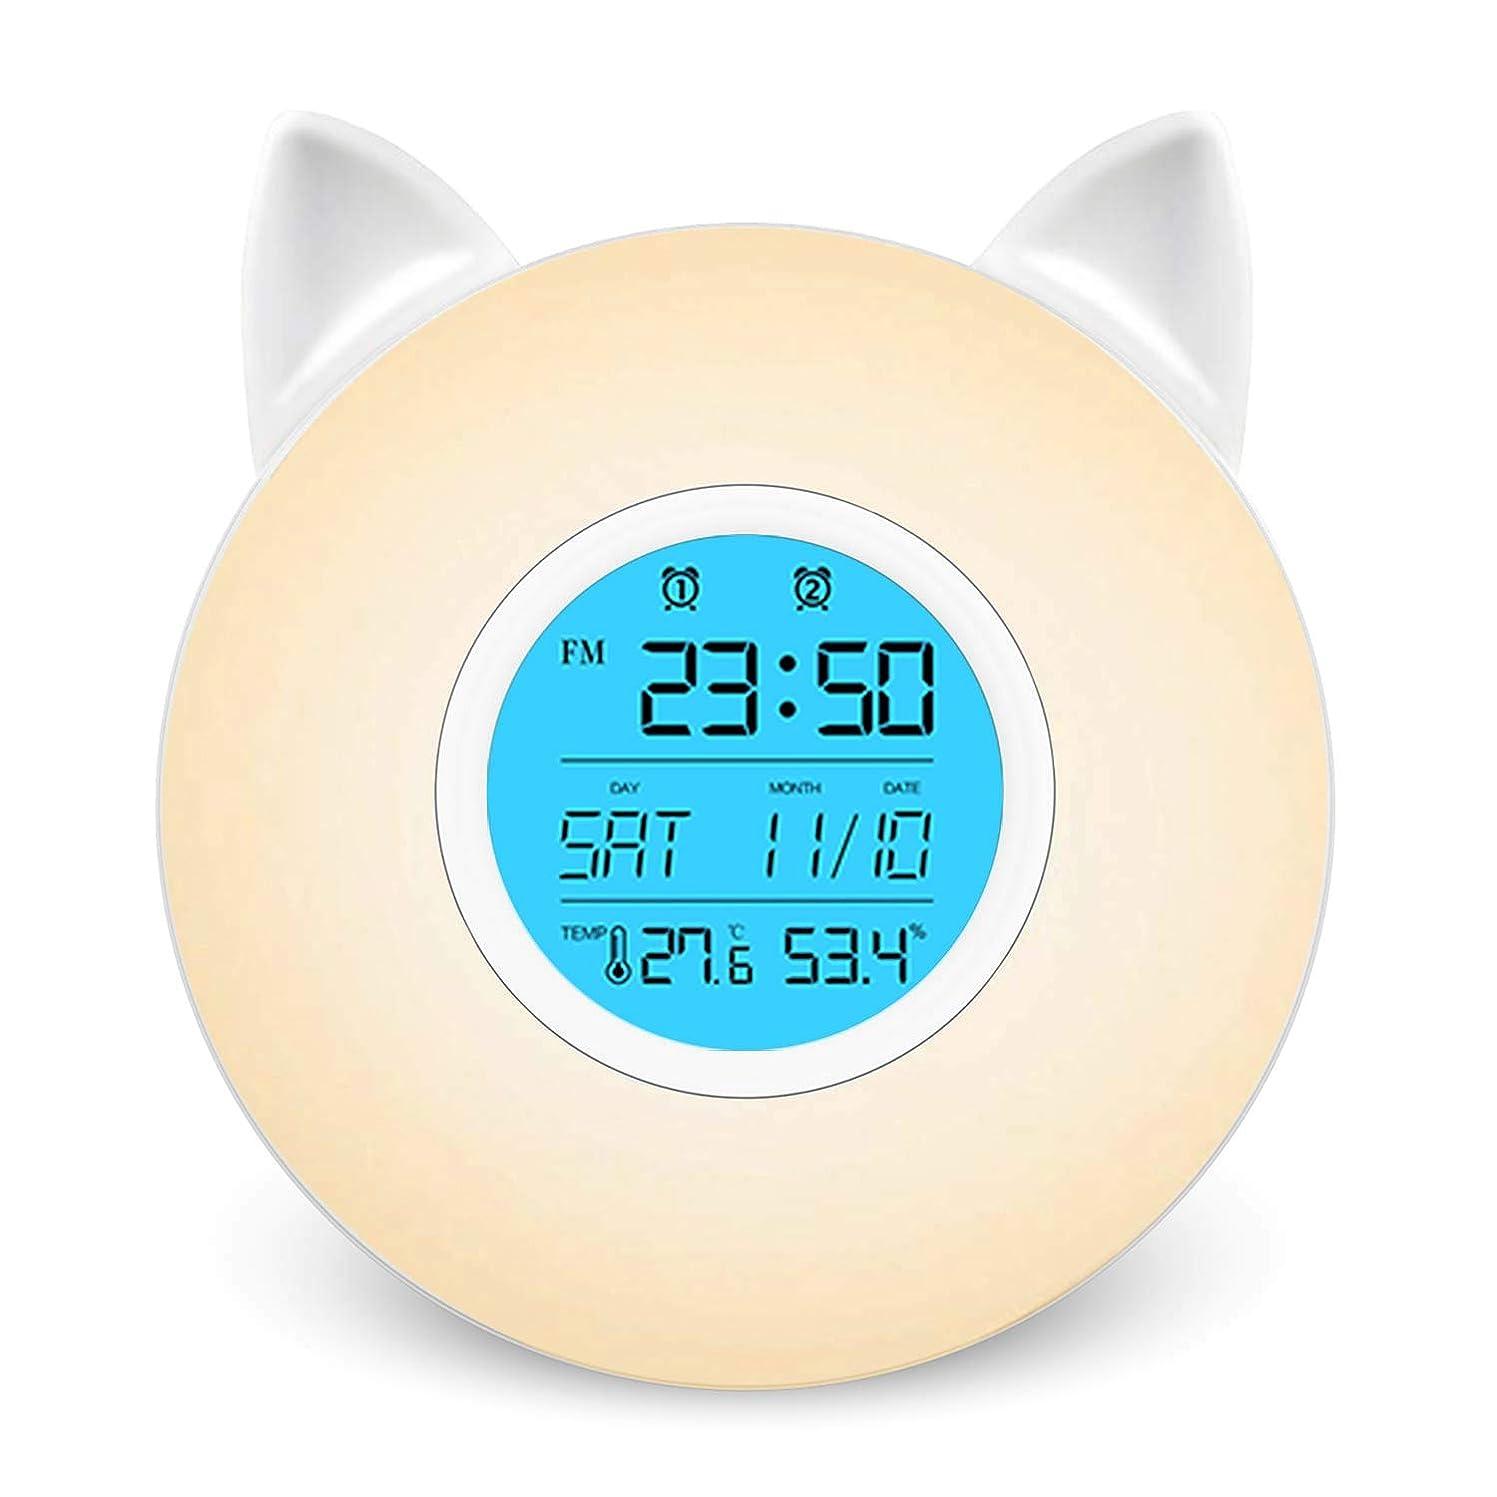 与える不足シェーバー目覚まし時計 光 LEDライト Helius 目覚ましライト ベッドサイドランプ 小型 LEDデスクライト Wake Up Light 置き時計 デジタル時計 温度湿度計 ベッドライト テーブルランプ 常夜灯 ベッドサイドクロック卓上 スタンドライト デスクスタンド ランプシェード ナイトライト デジタル めざまし時計 大音量 ウェイクアップライト アラーム スヌーズ機能 間接照明おしゃれ電気スタンド 照明スタンド 3段階調光 七色切り替え 室内寝室 夜間ライト読書灯 屋外携帯 停電対策 おしゃれ 電波 FMラジオ搭載 USB/電池給電